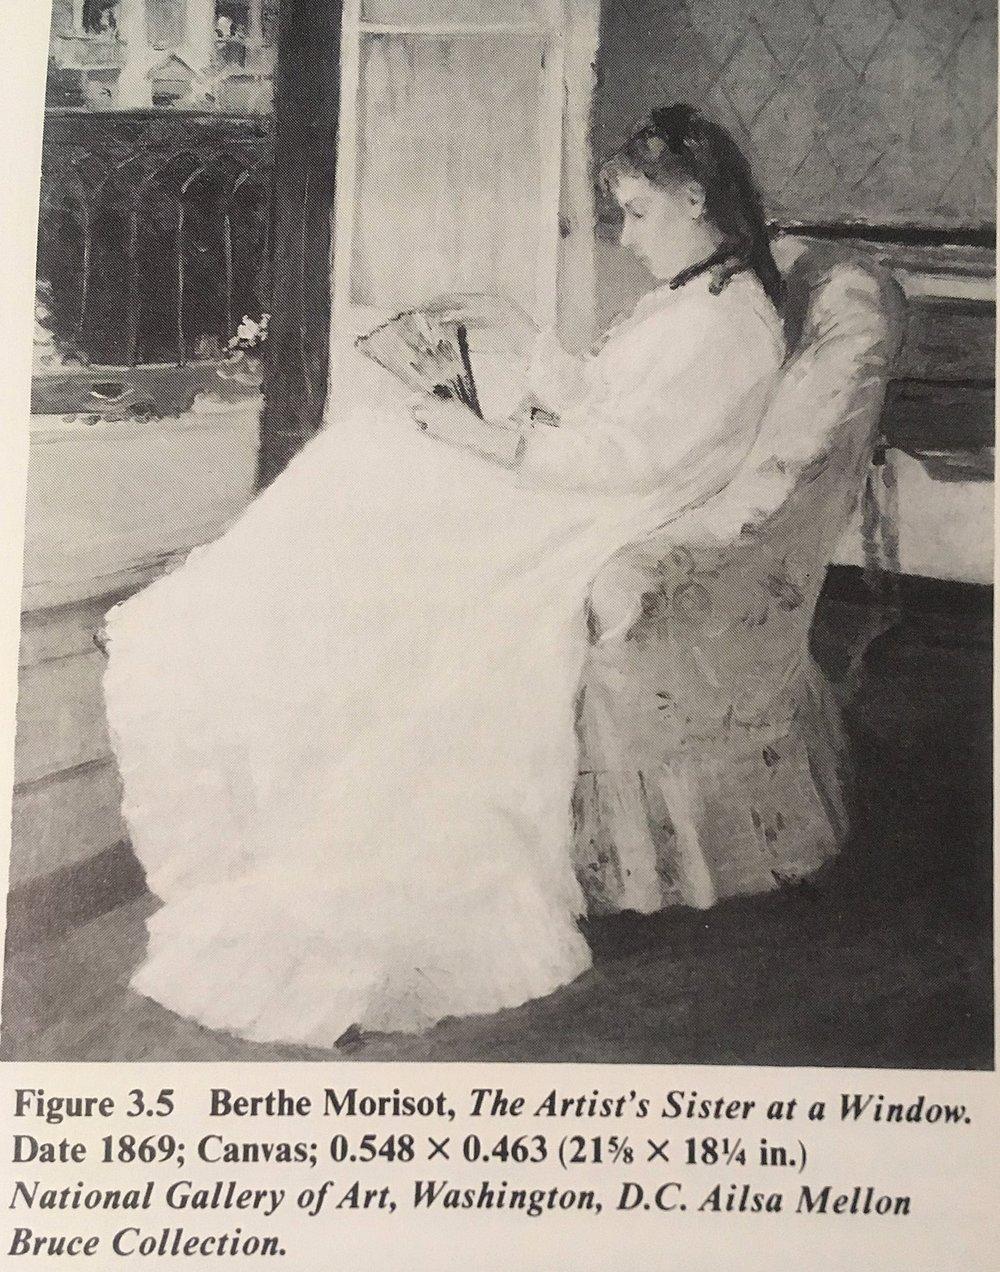 Morisot painitng.JPG